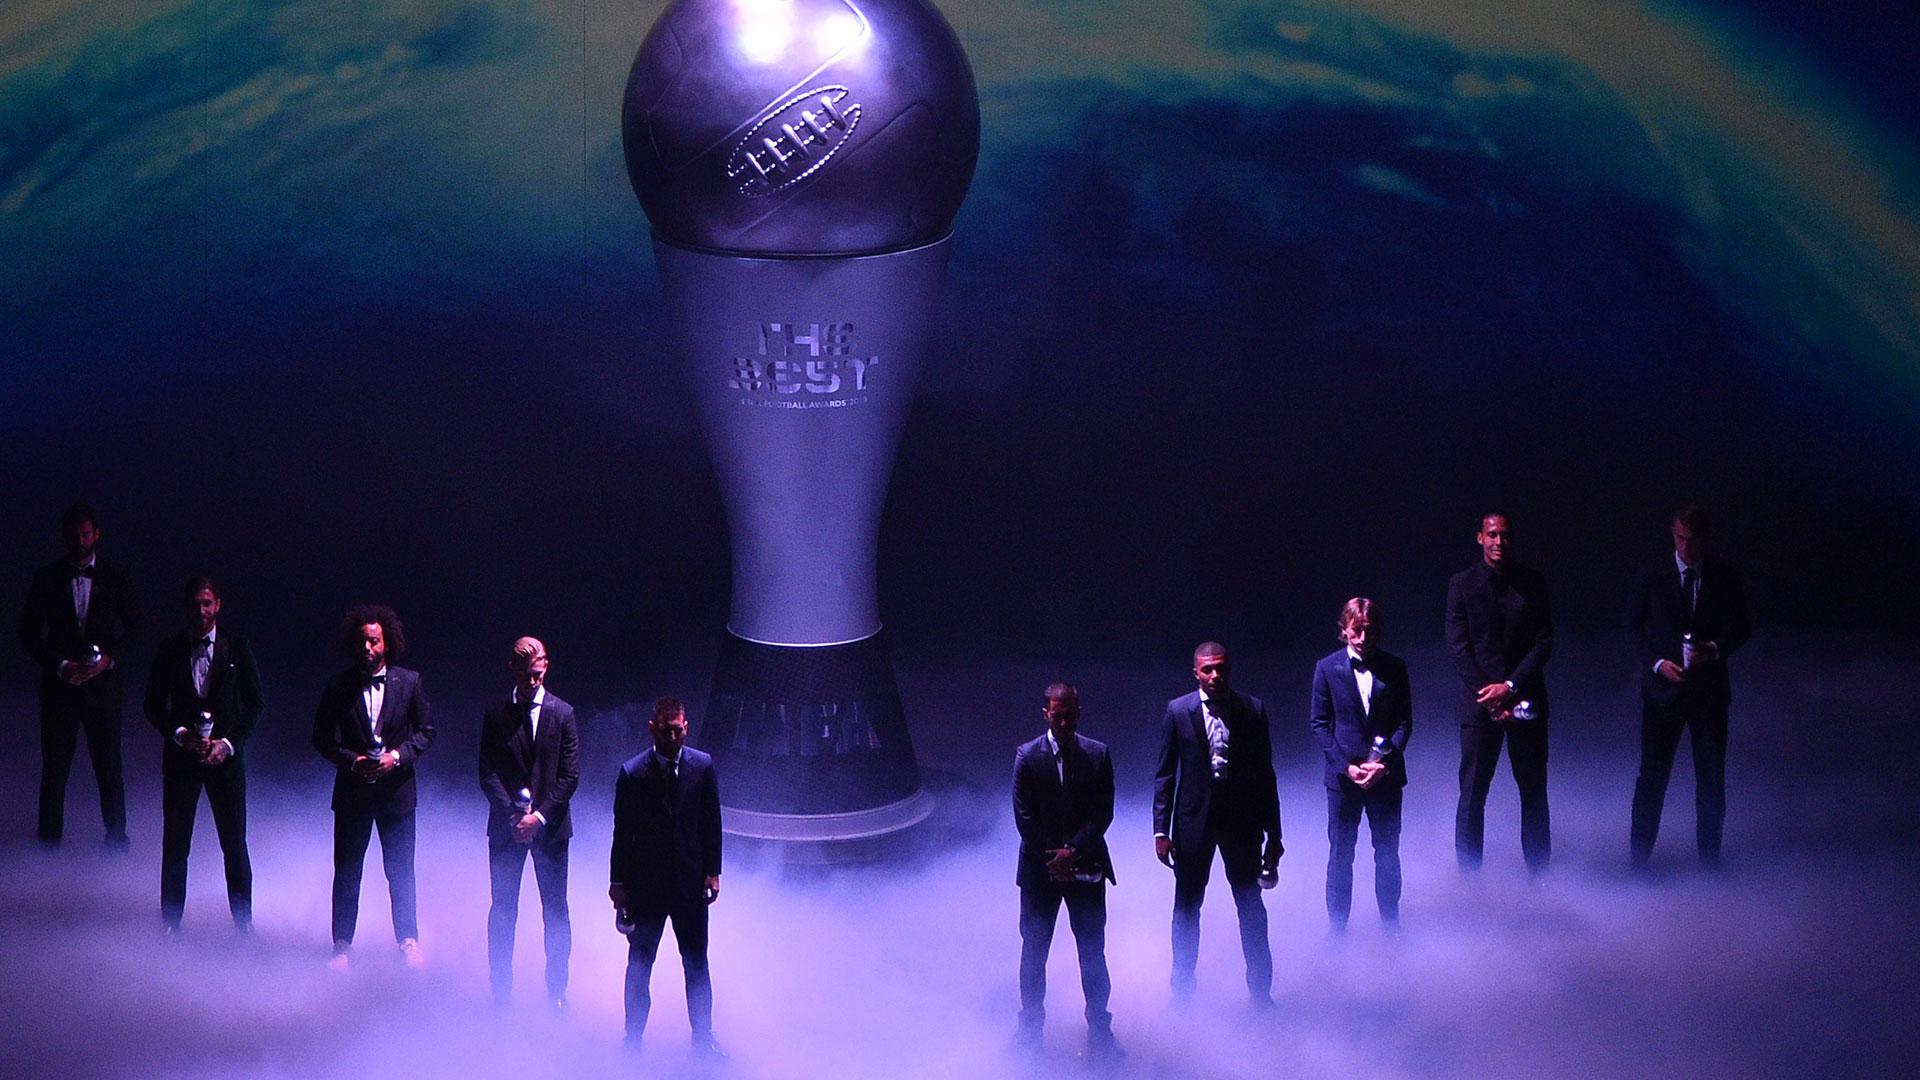 El equipo ideal de fútbol masculino